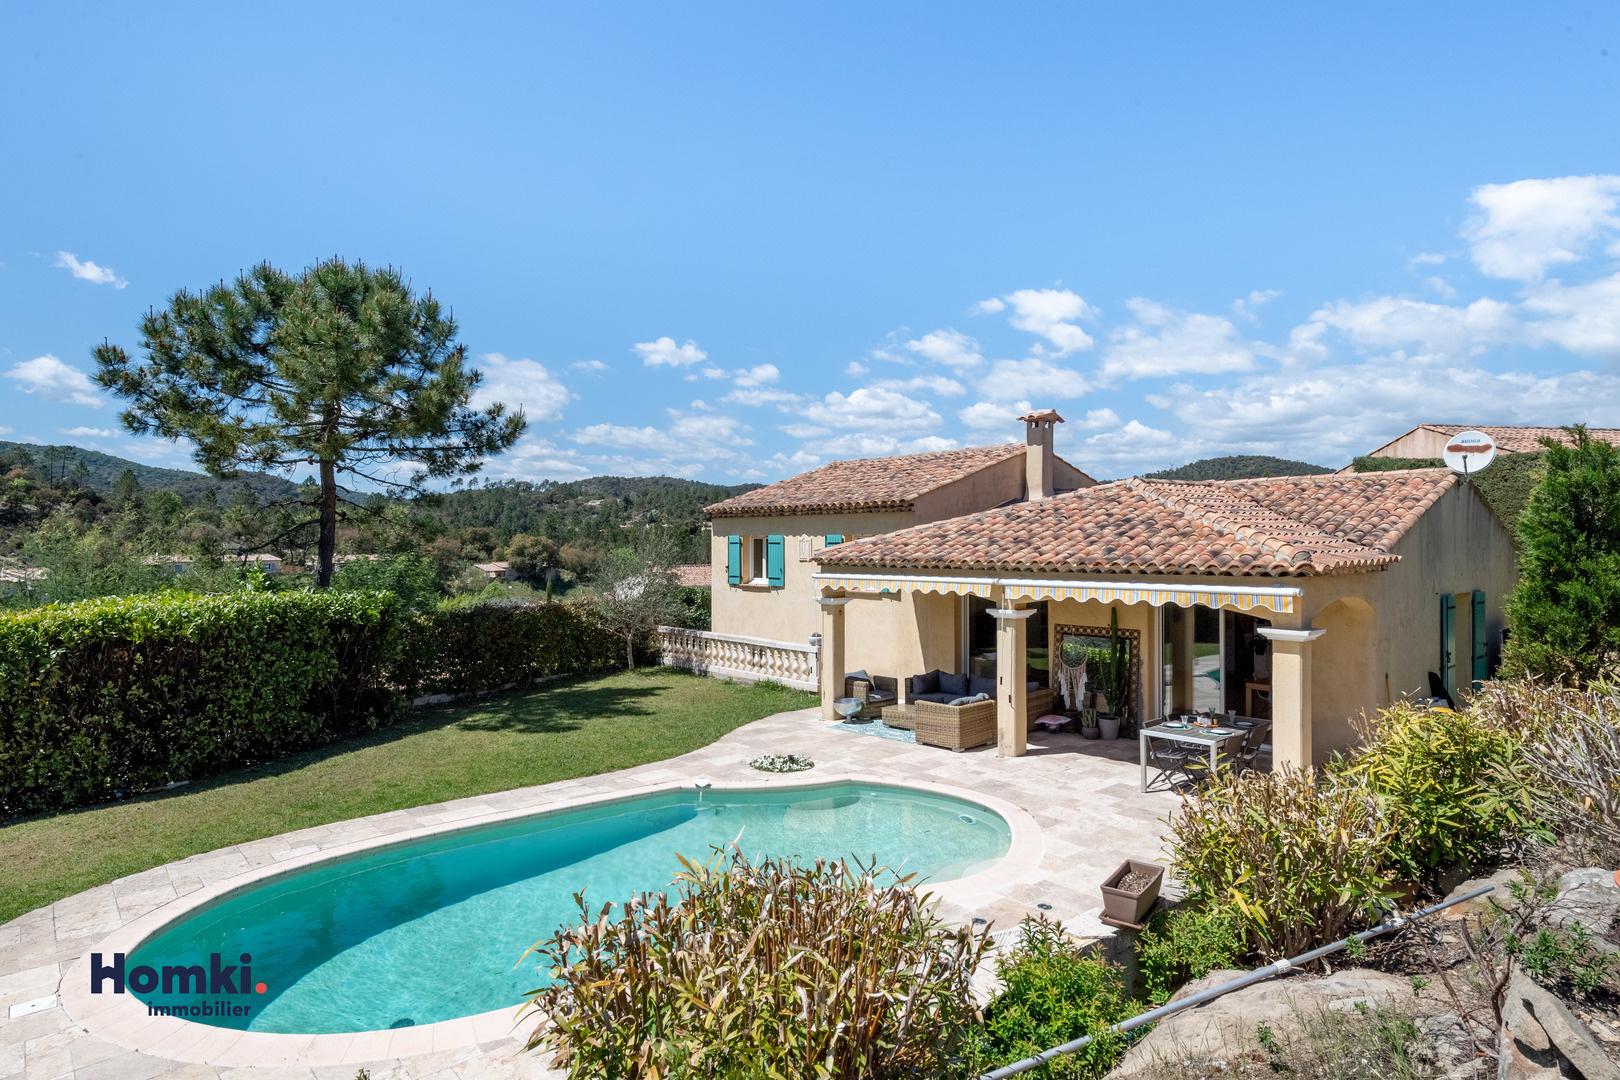 Homki - Vente maison/villa  de 145.97 m² à montauroux 83440